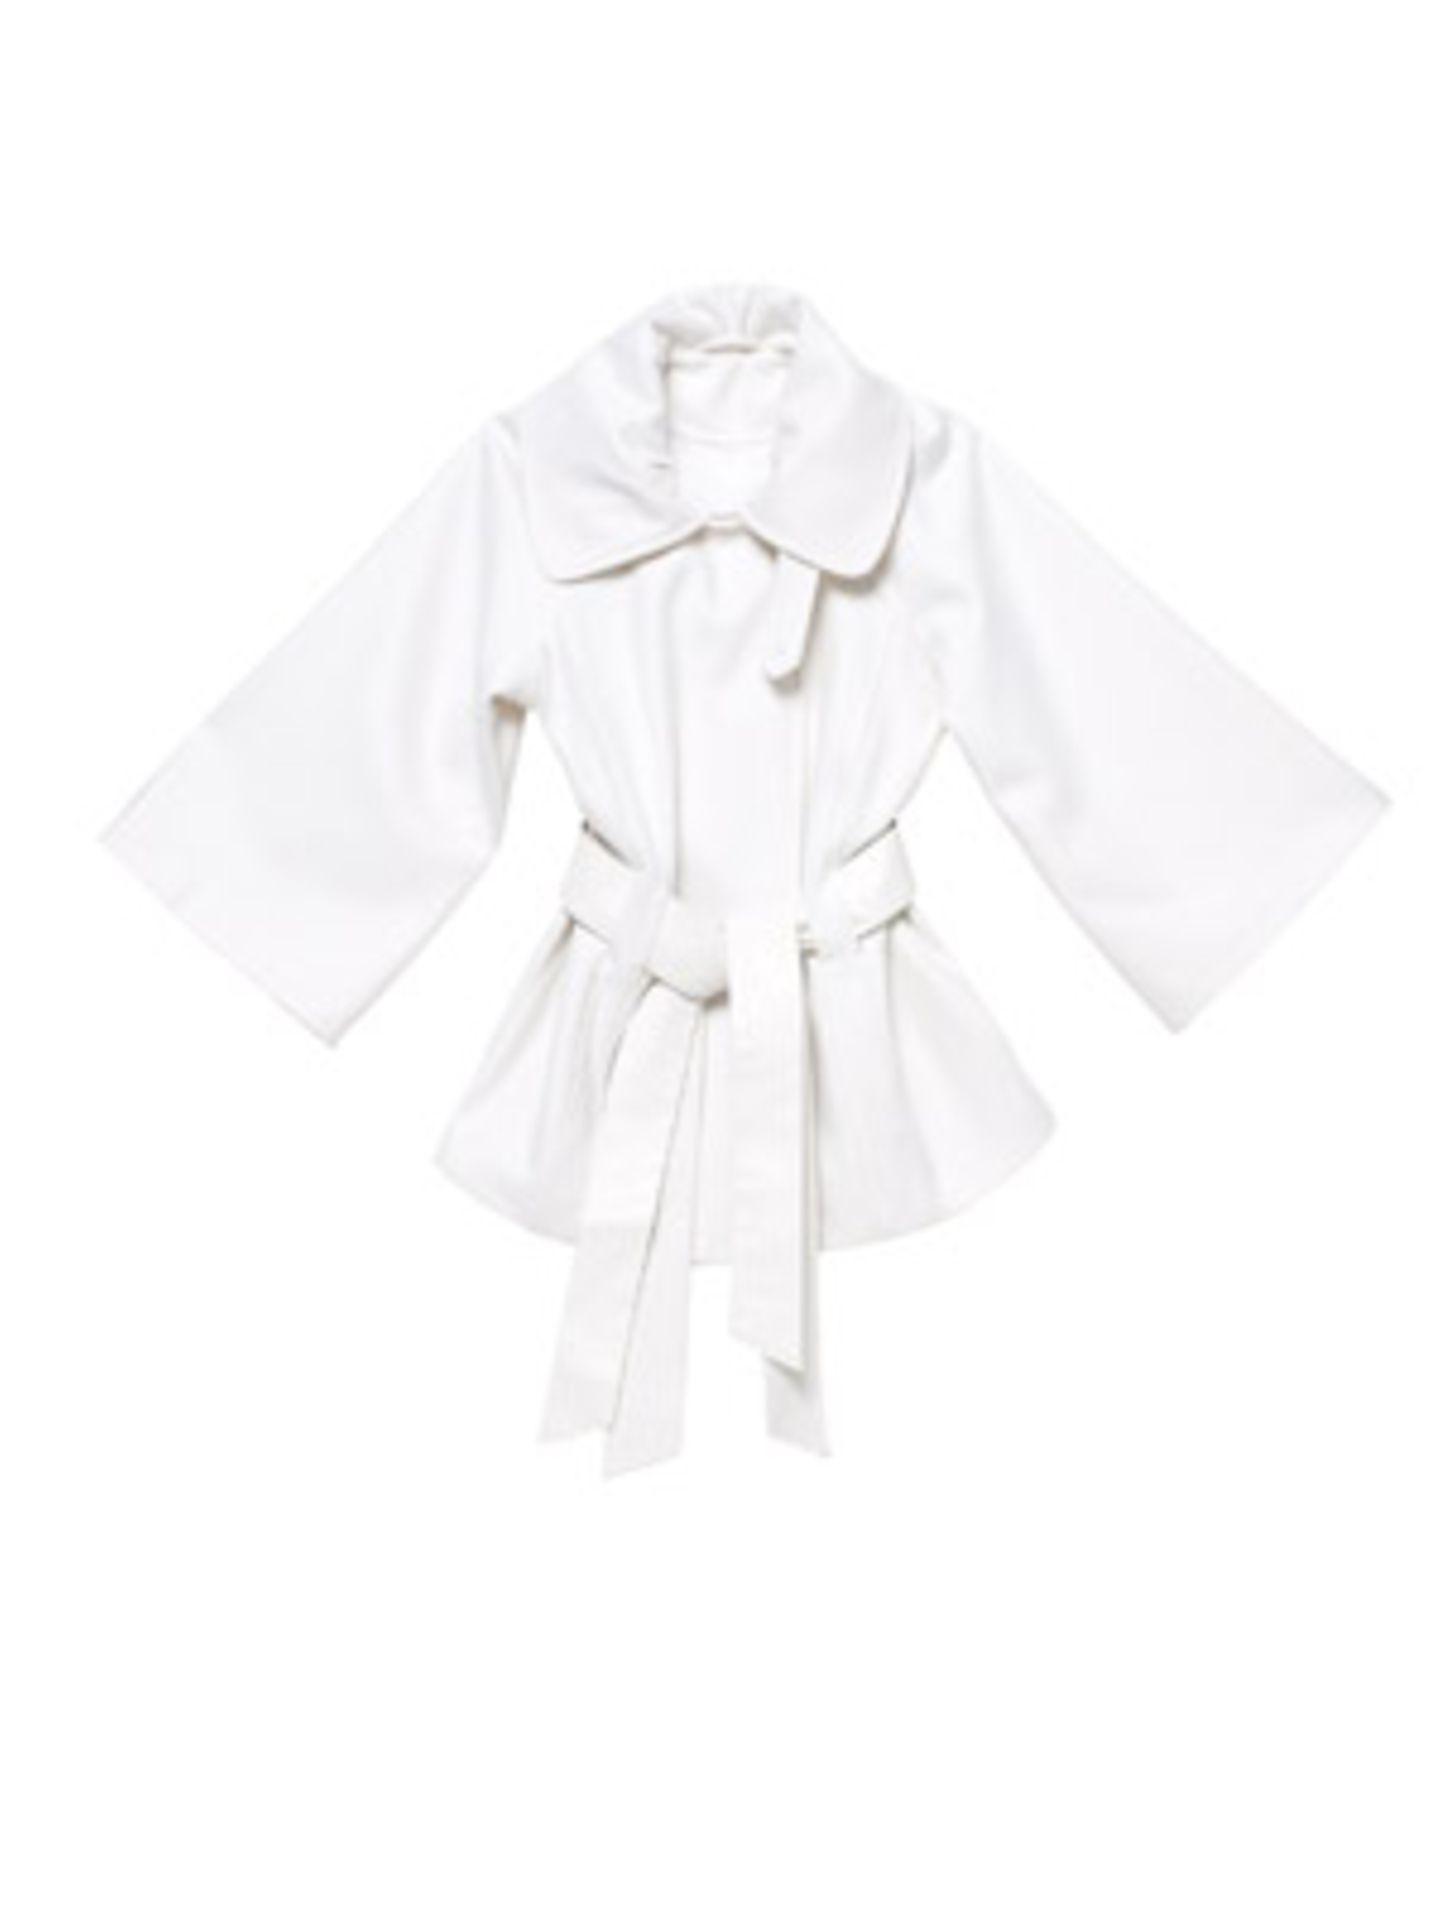 Weiße Jacke mit Fledermausarm und Taillenbetonung in Form eines breiten Gürtels. Von Orsay, ca. 50 Euro.